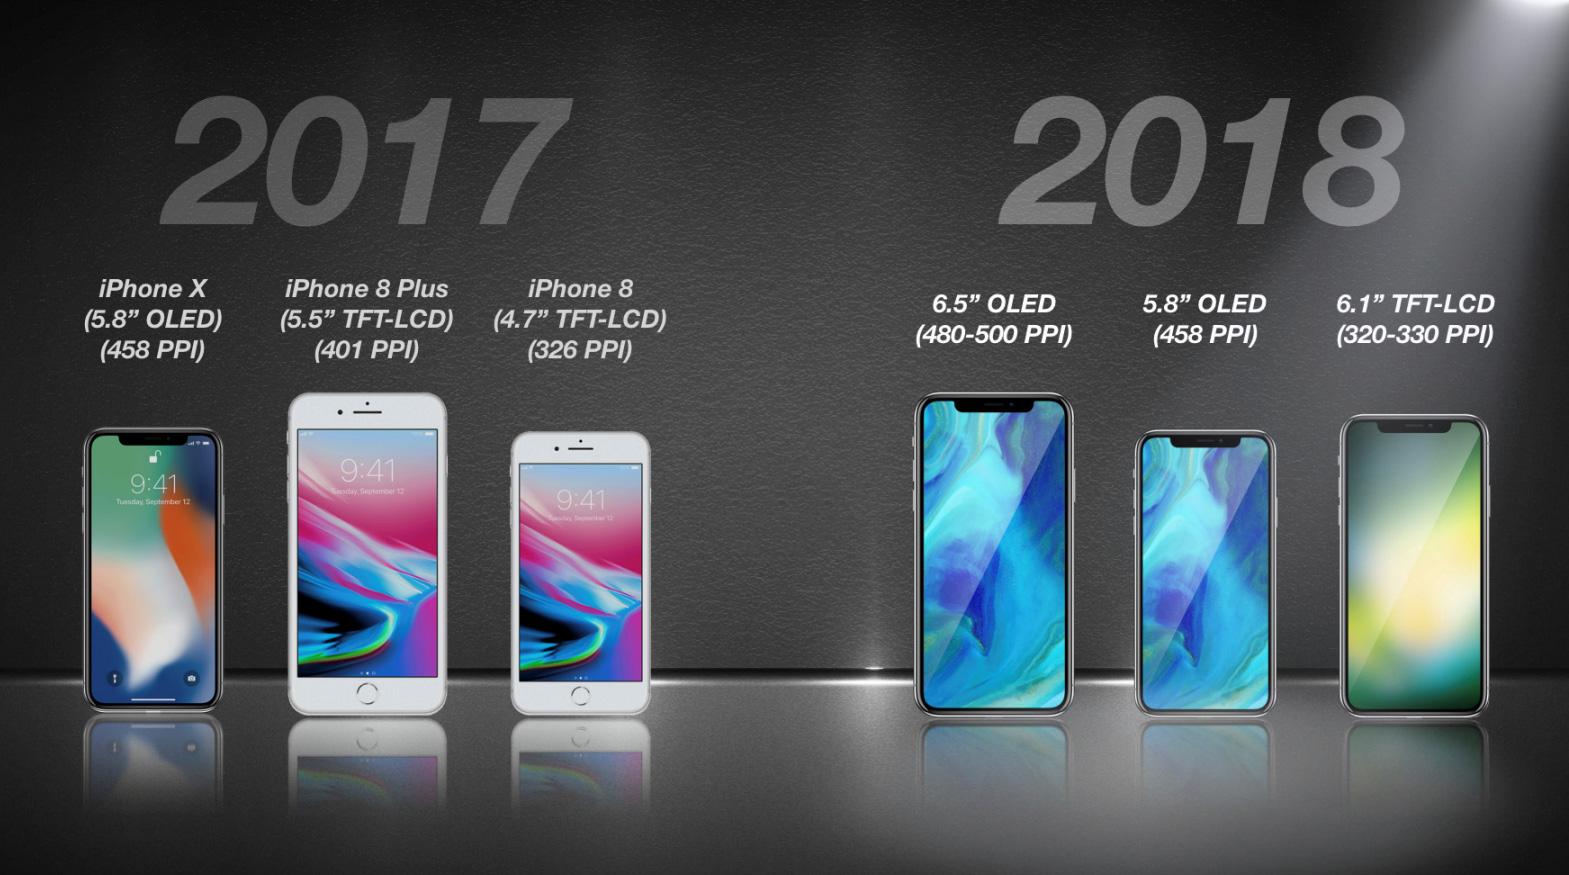 2018թ.-ին հնարավոր է iPhone X-ի հիմքի վրա երեք նոր սմարթֆոն թողարկվի